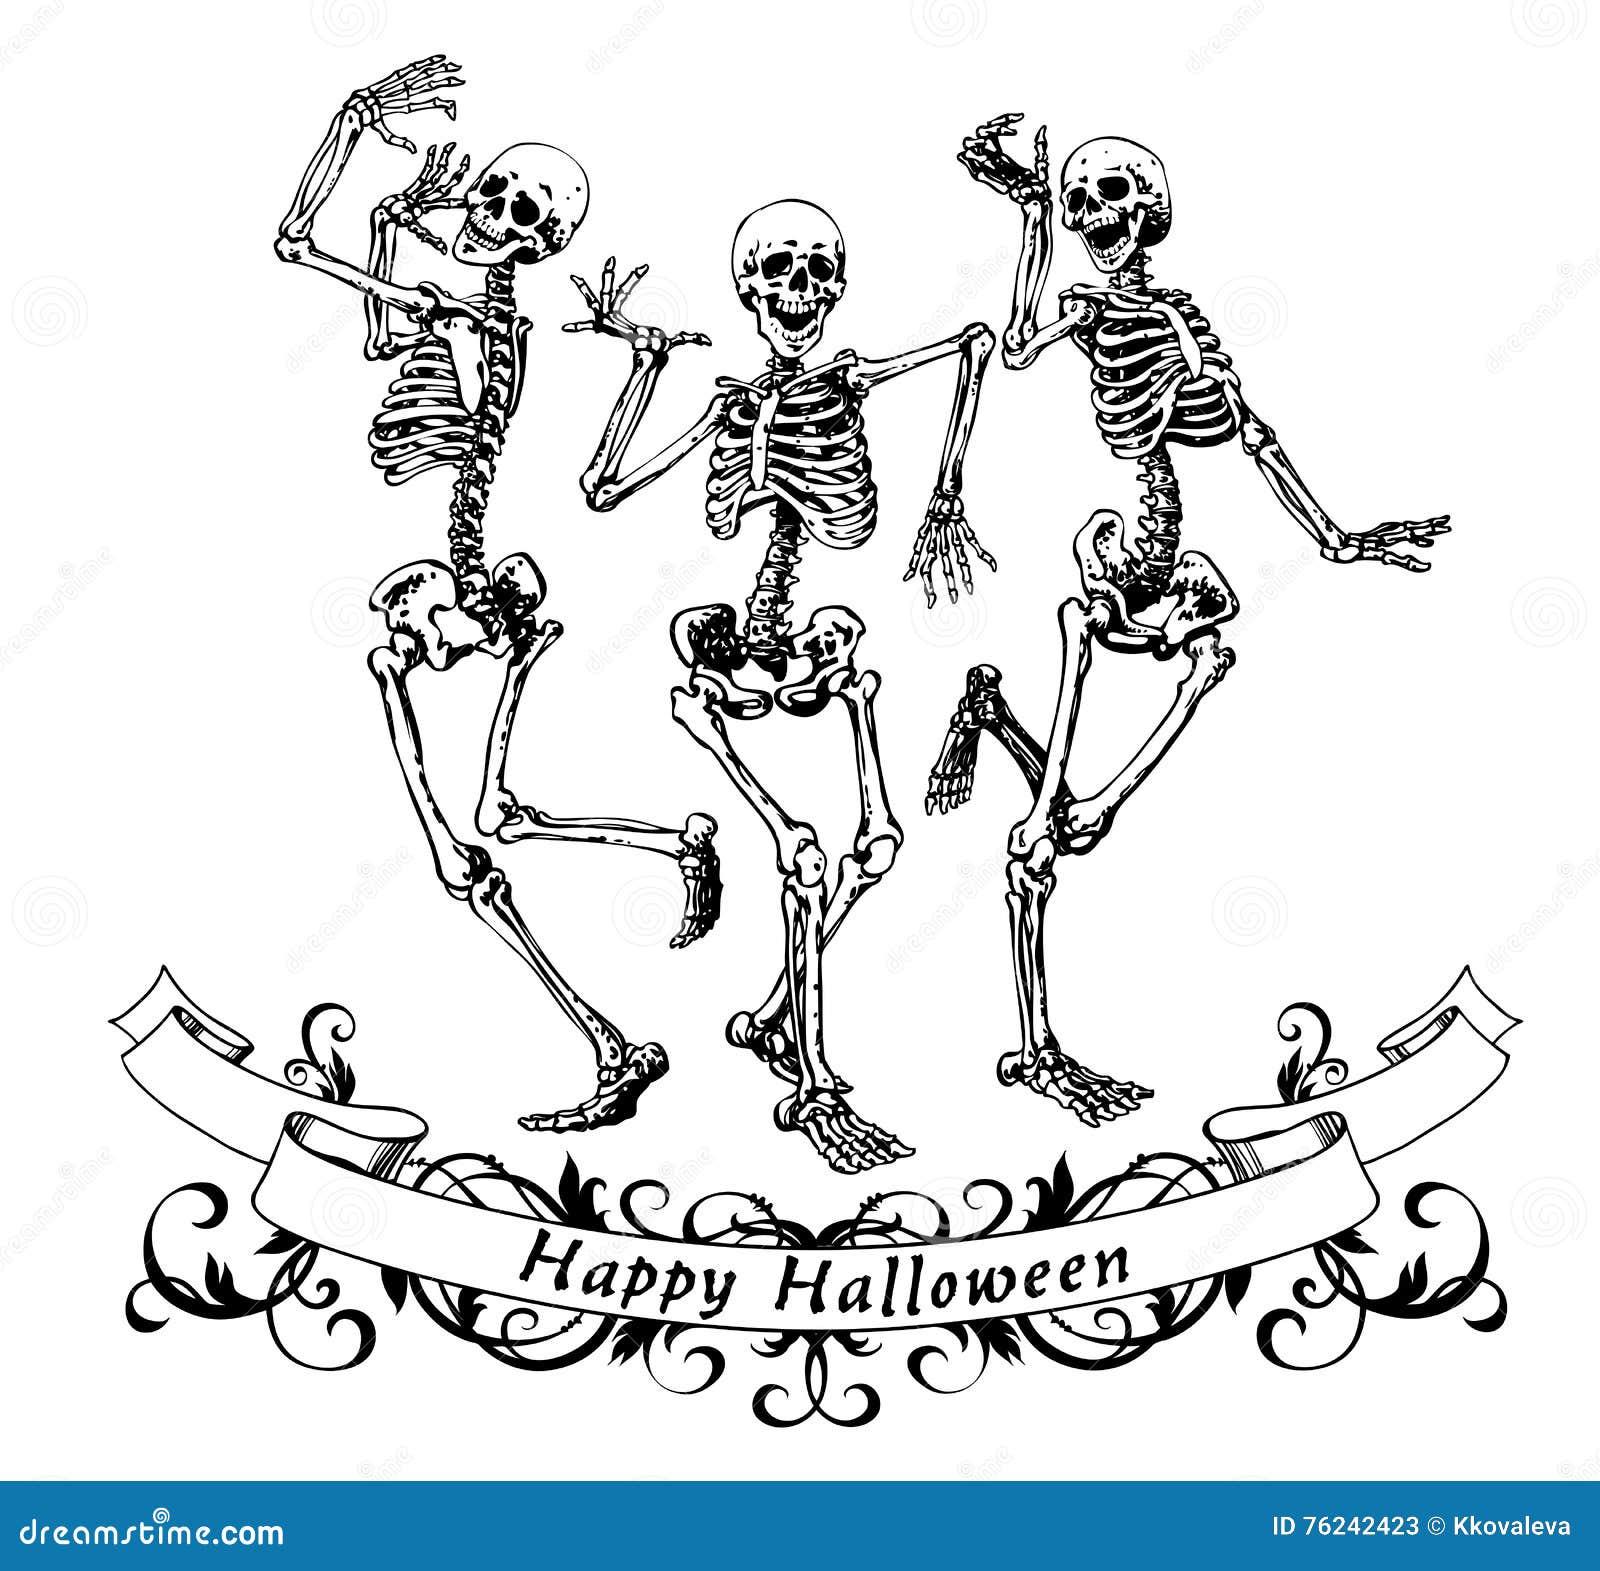 Erfreut Bilder Von Halloween Skeletten Zeitgen Ssisch Framing